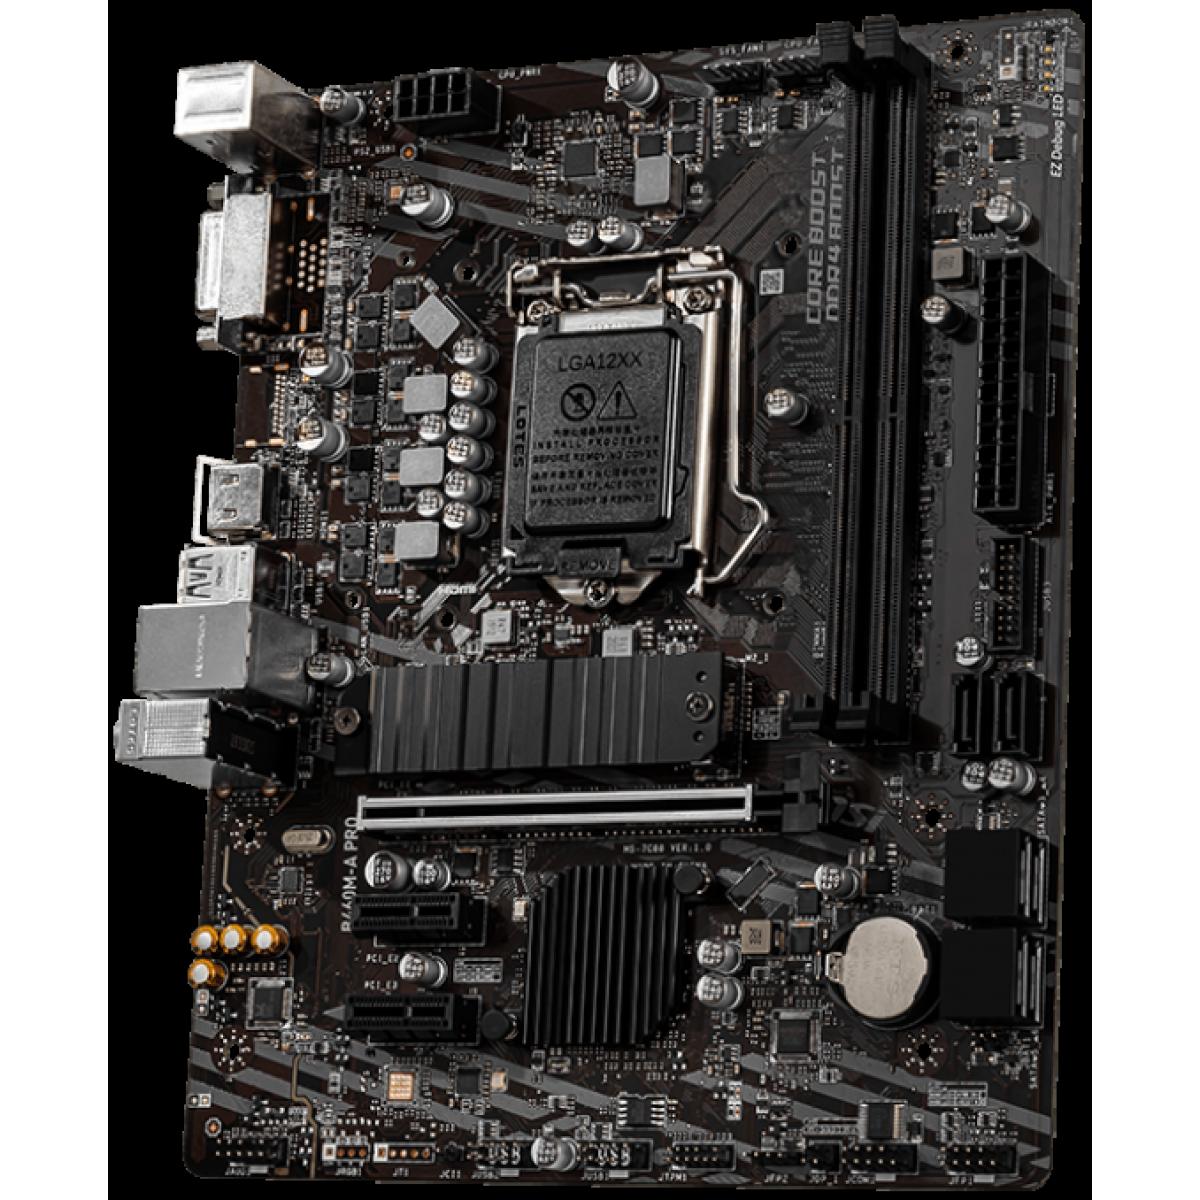 Placa Mãe MSI B460M-A PRO, Chipset B460M, INTEL LGA 1200, mATX, DDR4, 911-7C88-007